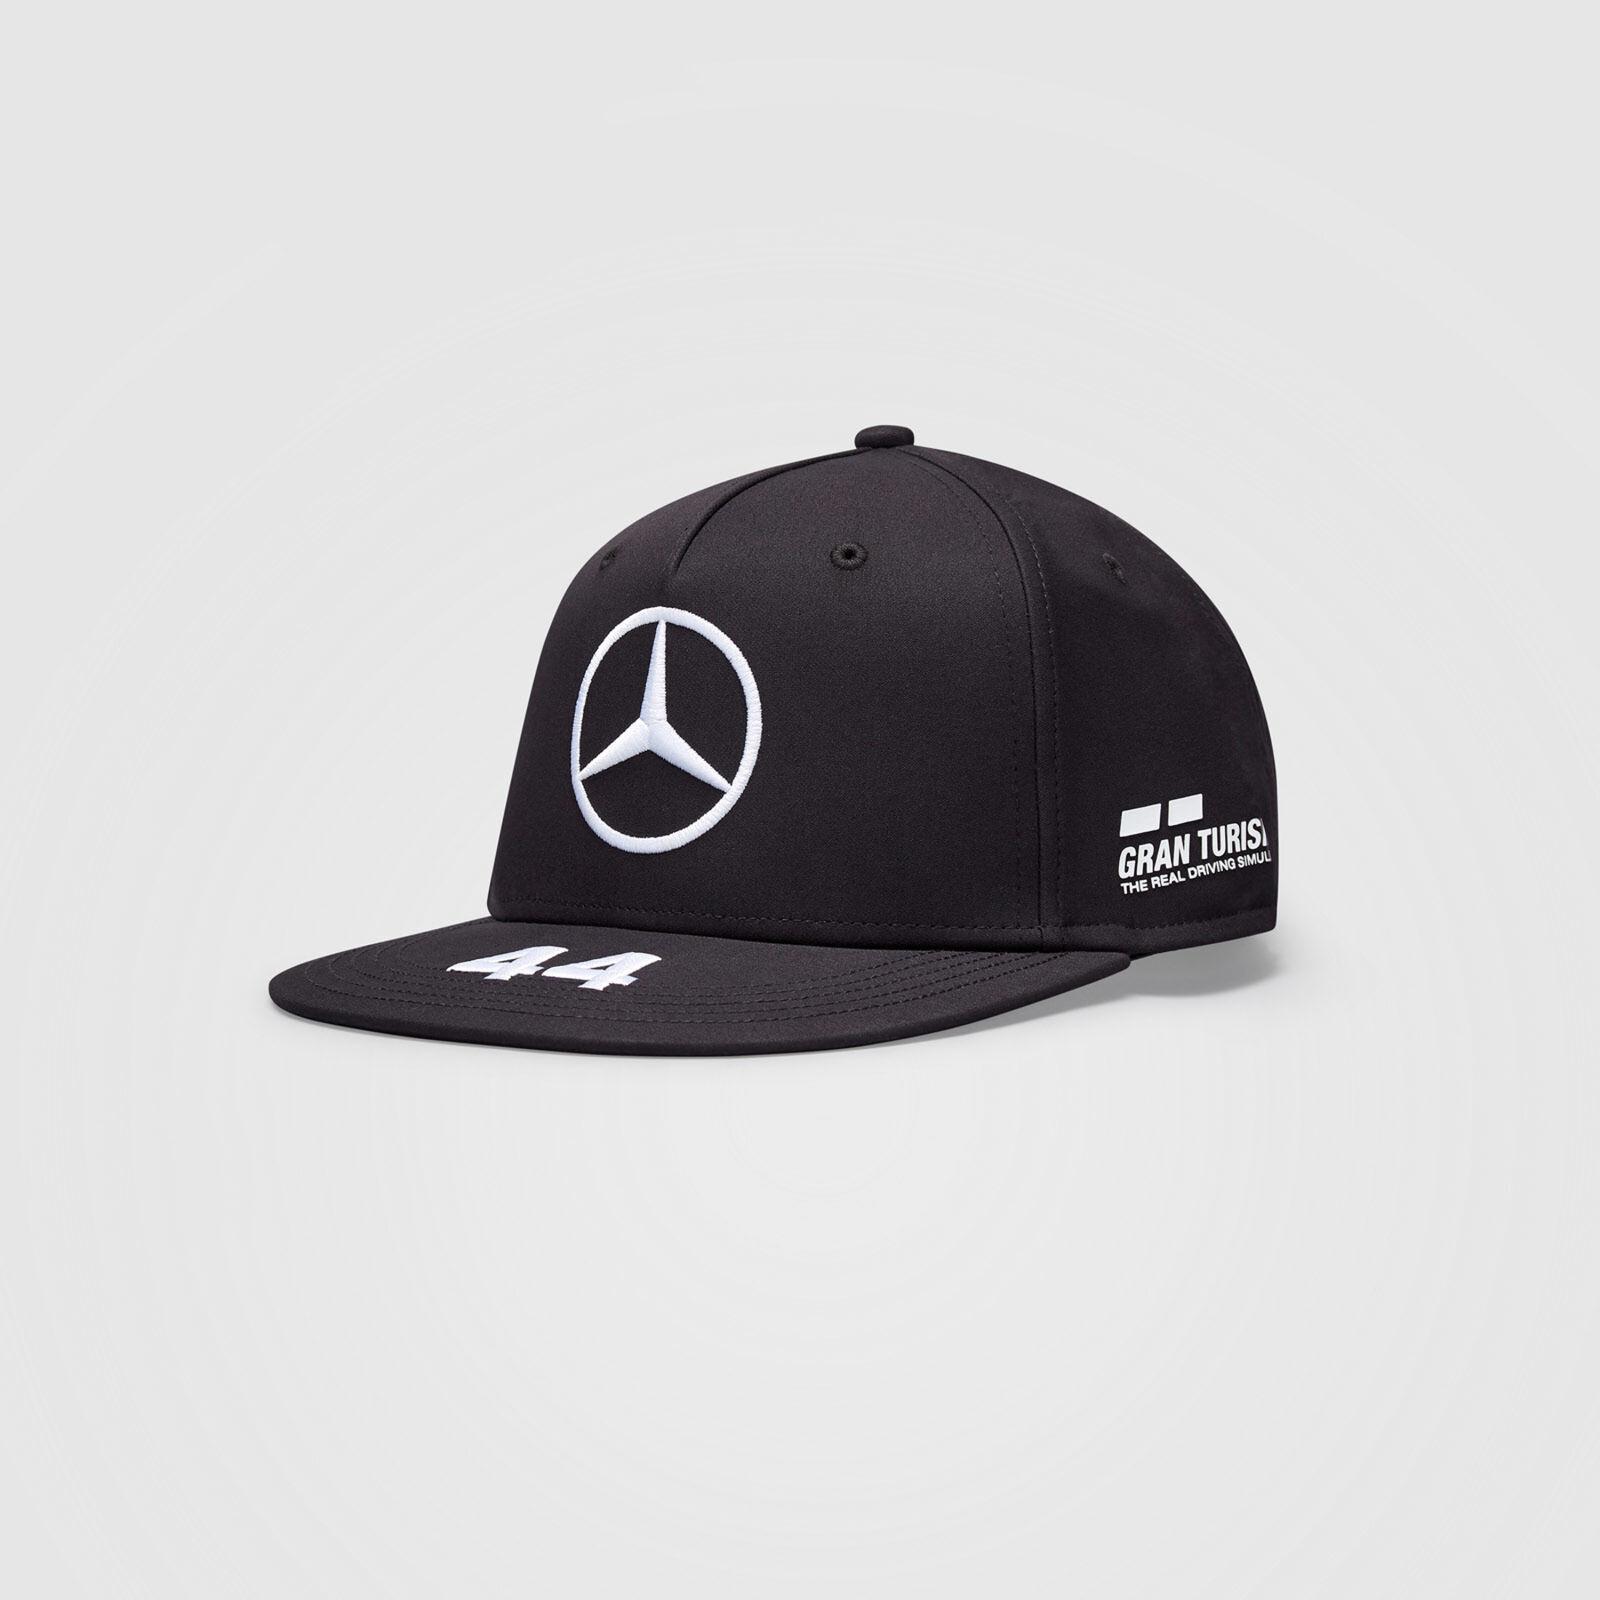 Mercedes Cap Hamilton (Flat) 2021 - Black